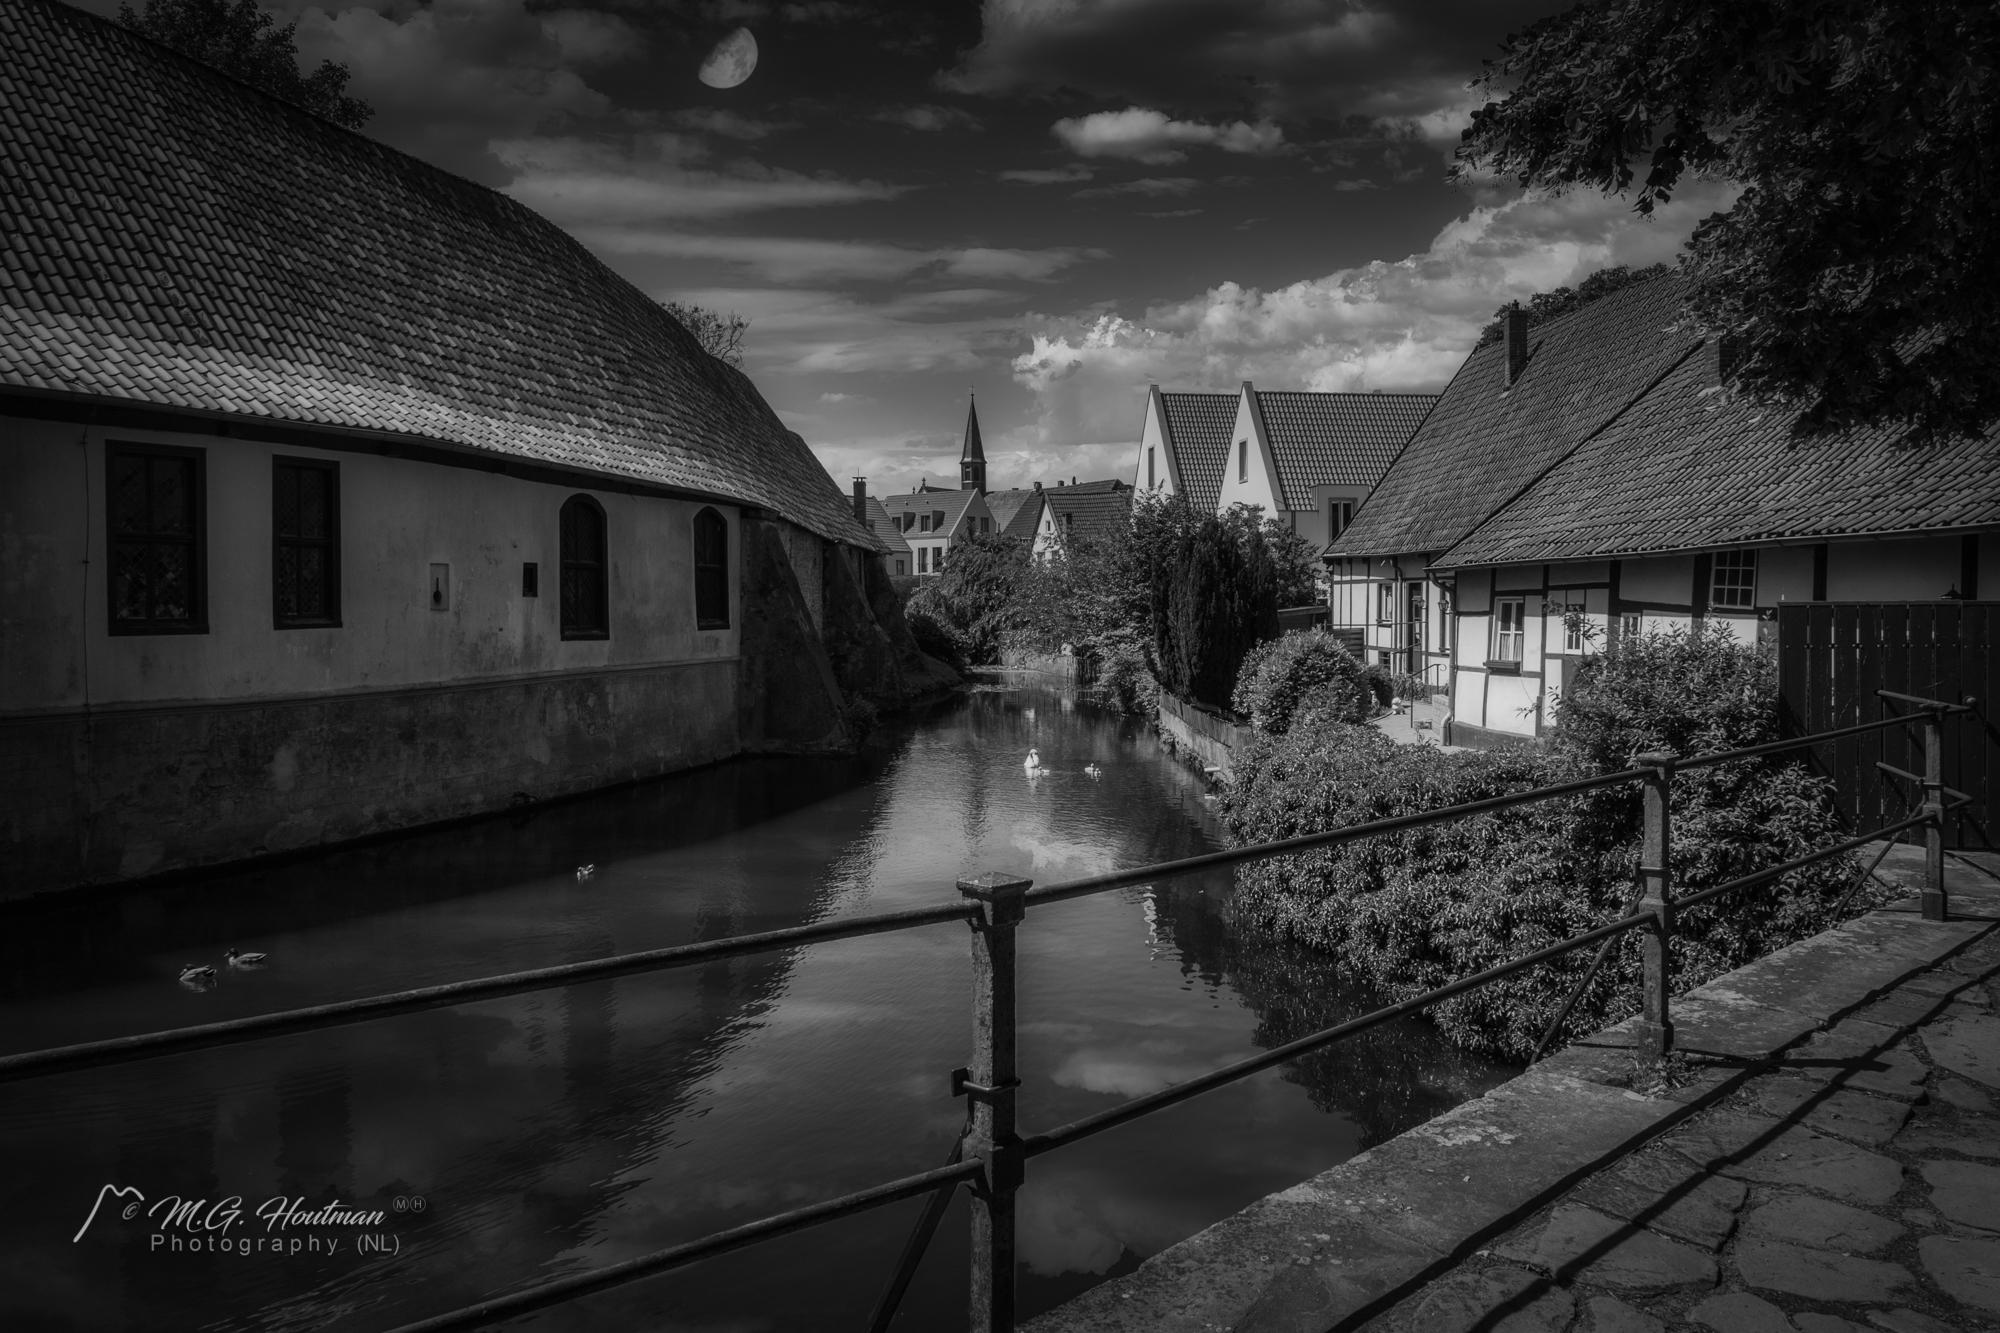 """Es verleiht dem Eingang zur Innenstadt Burgsteinfurt etwas Pompöses, etwas Adliges und einen ganz besonderen Charme. Ja, es lässt eine Kulisse entstehen, die vor allem in den Sommermonaten nicht schöner sein könnte.  Das Schloss, eine der ältesten, mächtigsten und schönsten Wasserburgen des Münsterlands, wurde im Laufe der Zeit mehrmals zerstört und wieder aufgebaut und erweitert und zeigt heute noch facettenreiche Elemente aus Romanik, Rokoko und Klassizismus. Weil die Landschaft weder hohe Berge noch schroffe Klippen ausweisen konnte, ließen die damaligen Baumeister breite Wassergräben und künstliche Inseln anlegen, auf denen sie ihre Festungsanlage errichteten.  Ebenfalls erschufen die """"Edlen Herren"""" das Fundament für die Stadt Steinfurt: Im Schutze der Burg entstand die erste Marktsiedlung, die """"Statt o Stenvorde"""".  Heute bewohnen die Nachfahren der Erbauer, die Familien des Fürsten zu Bentheim und Steinfurt, das Schloss. Aus diesem Grunde ist eine Besichtigung derzeit auch nicht möglich – die Fürstenfamilie bittet hier um Verständnis."""